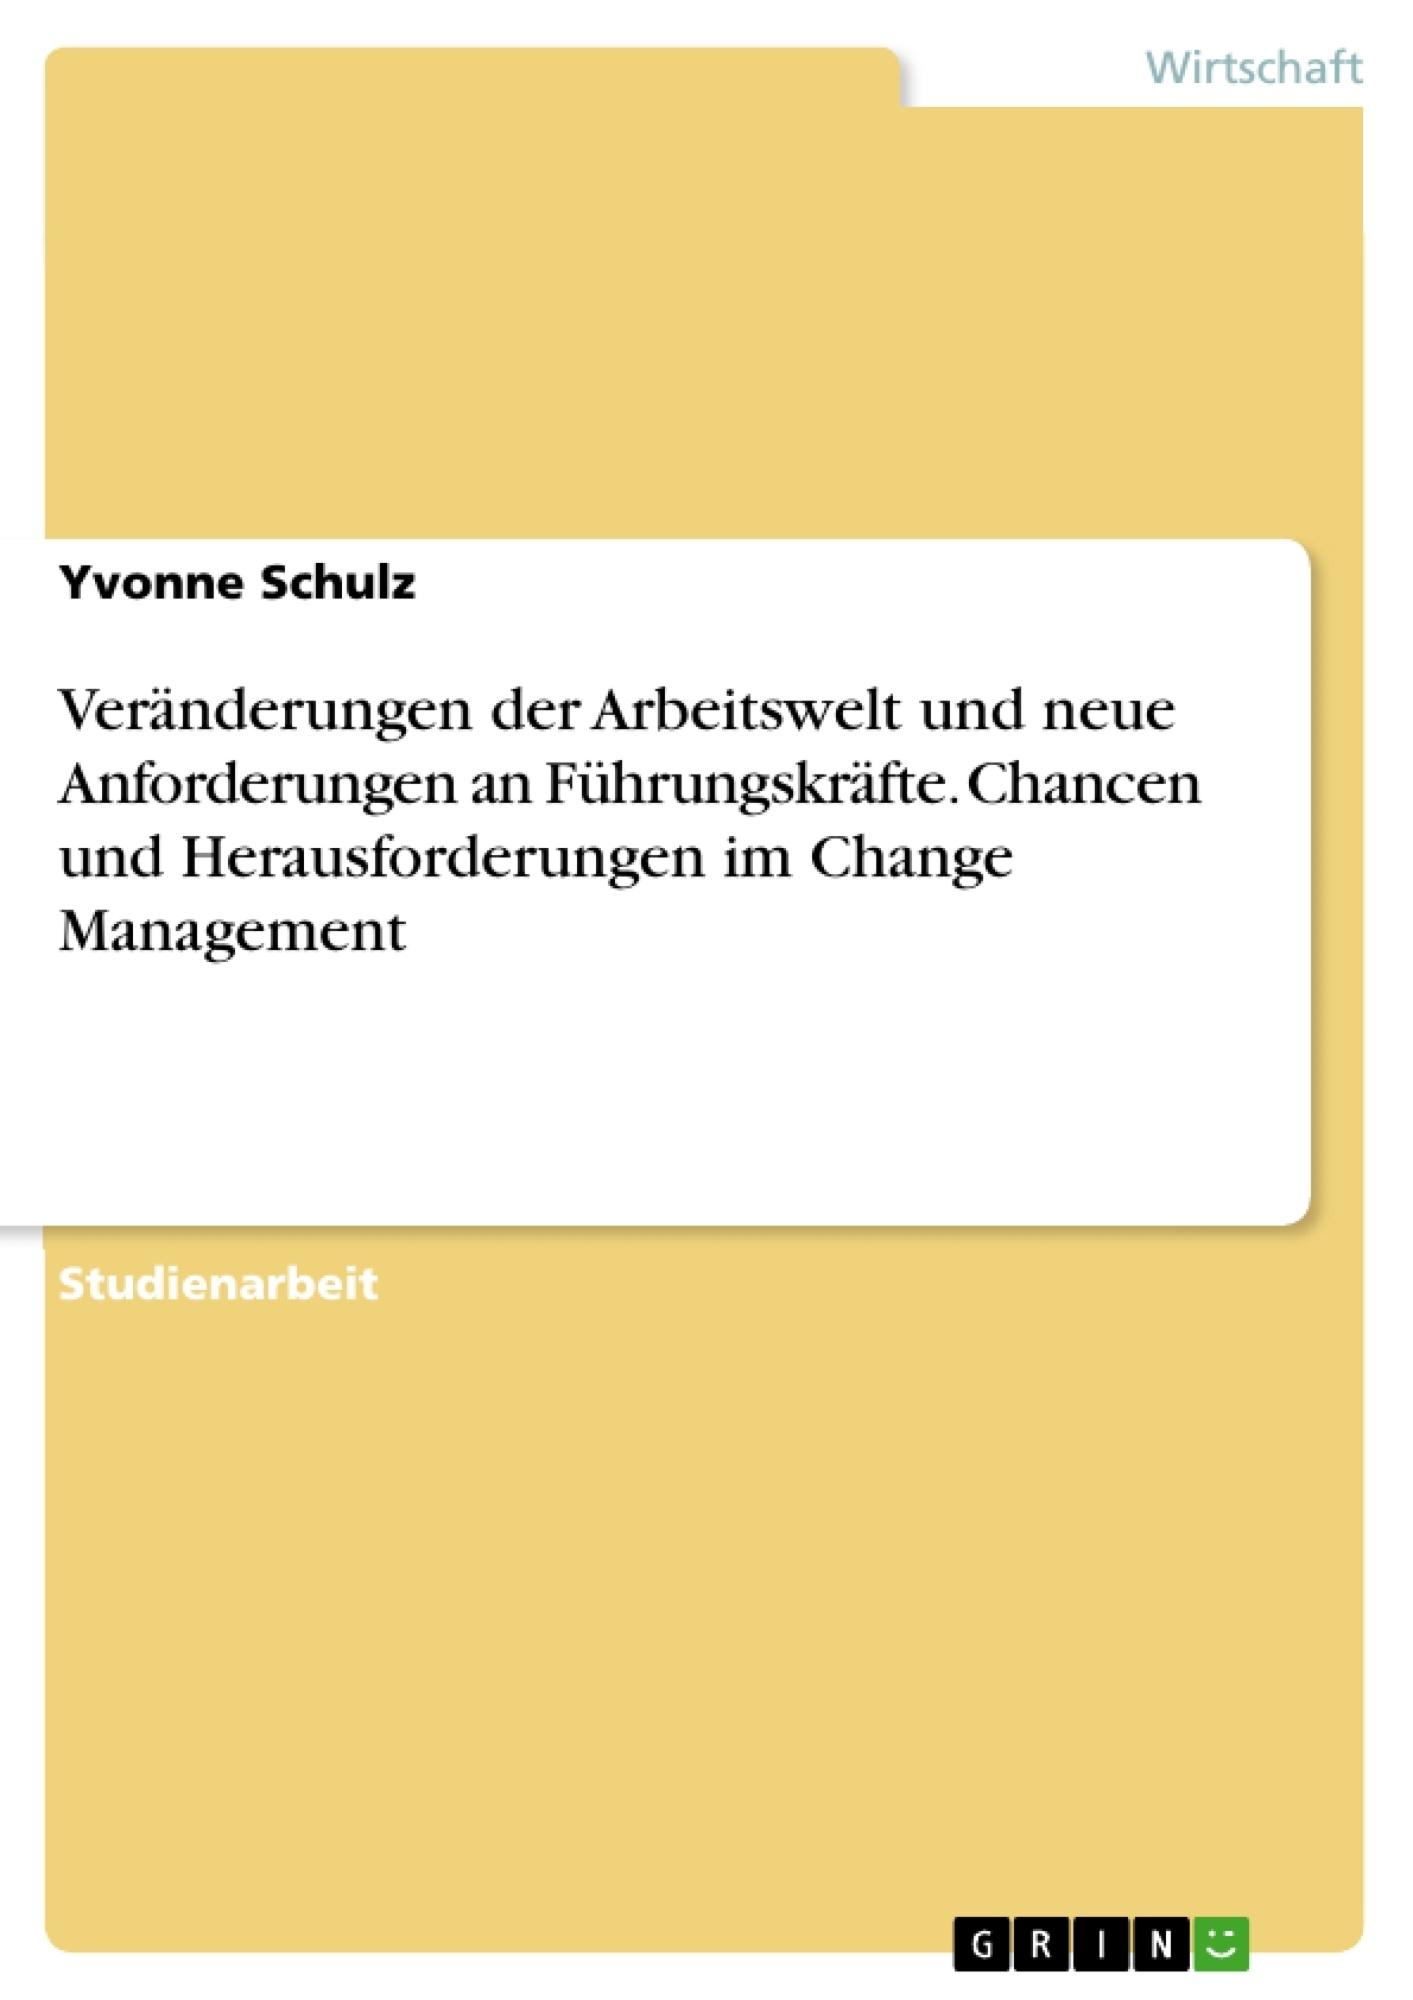 Titel: Veränderungen der Arbeitswelt und neue Anforderungen an Führungskräfte. Chancen und Herausforderungen im Change Management